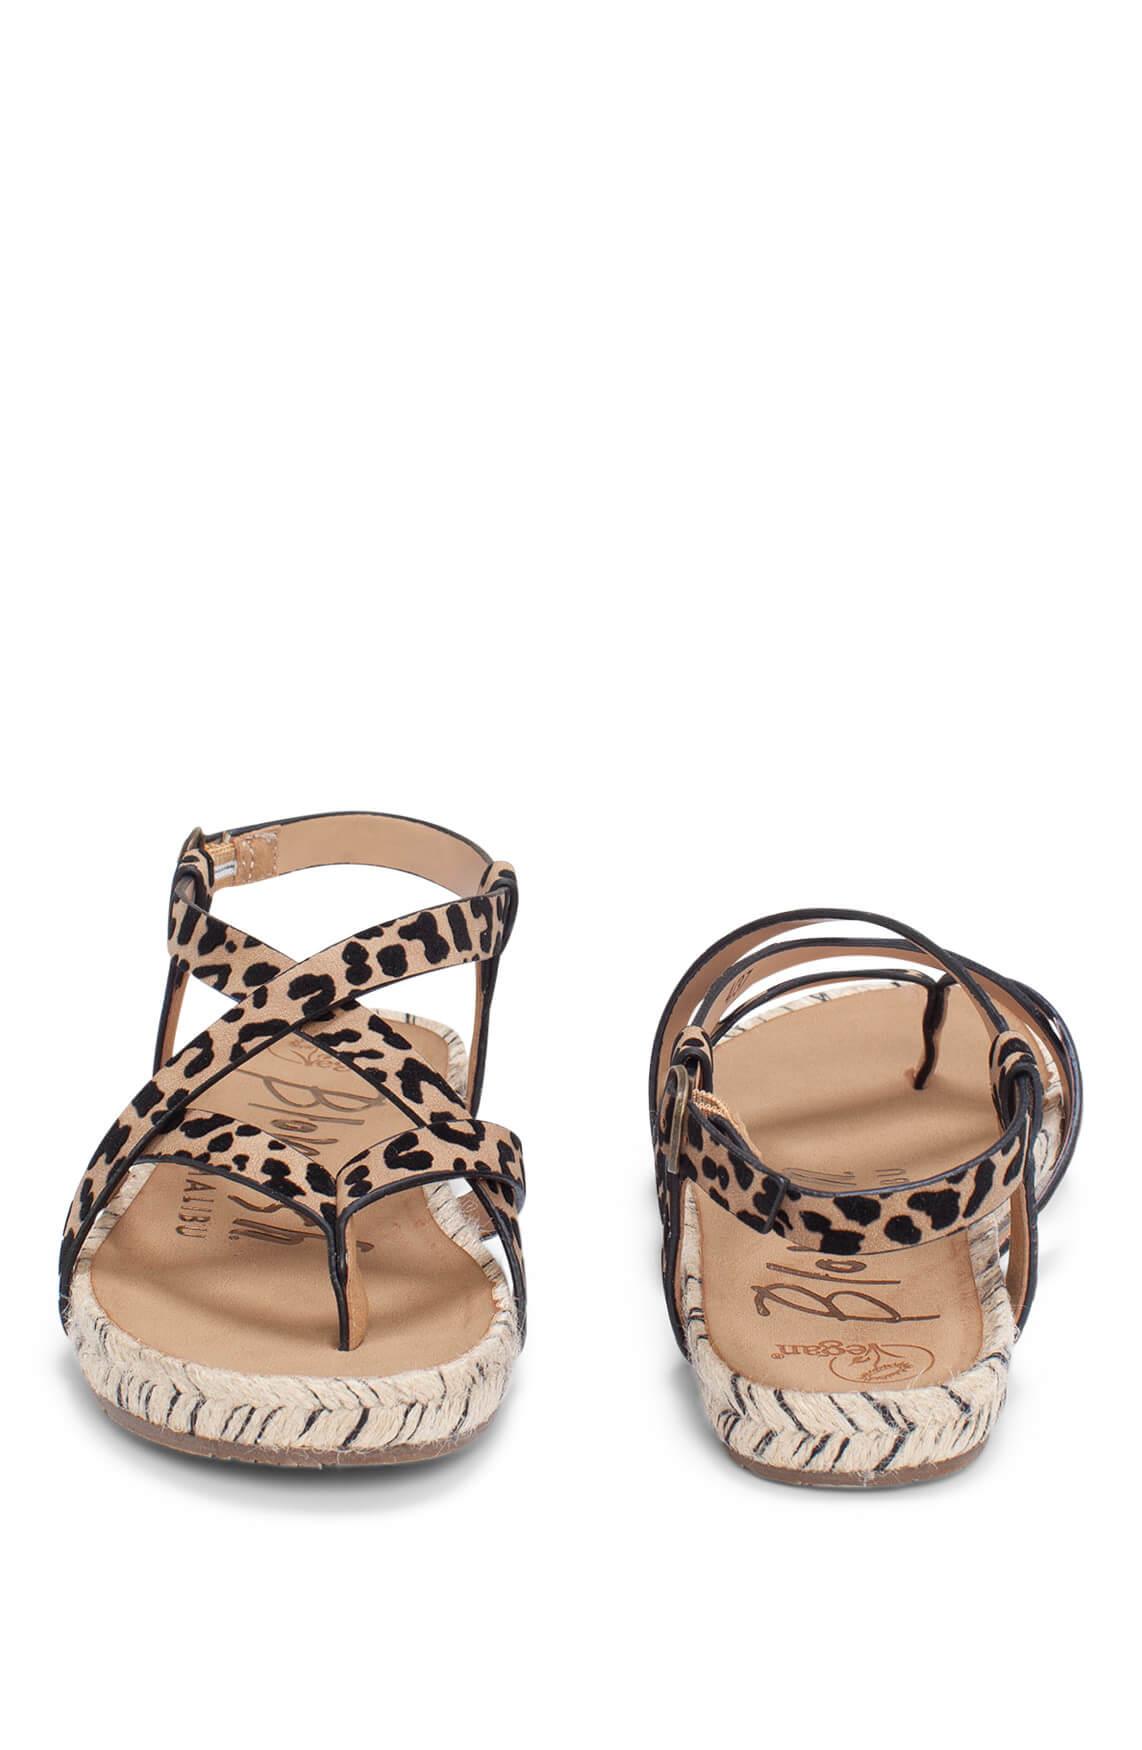 Blowfish Dames Sandaal met panterprint Bruin